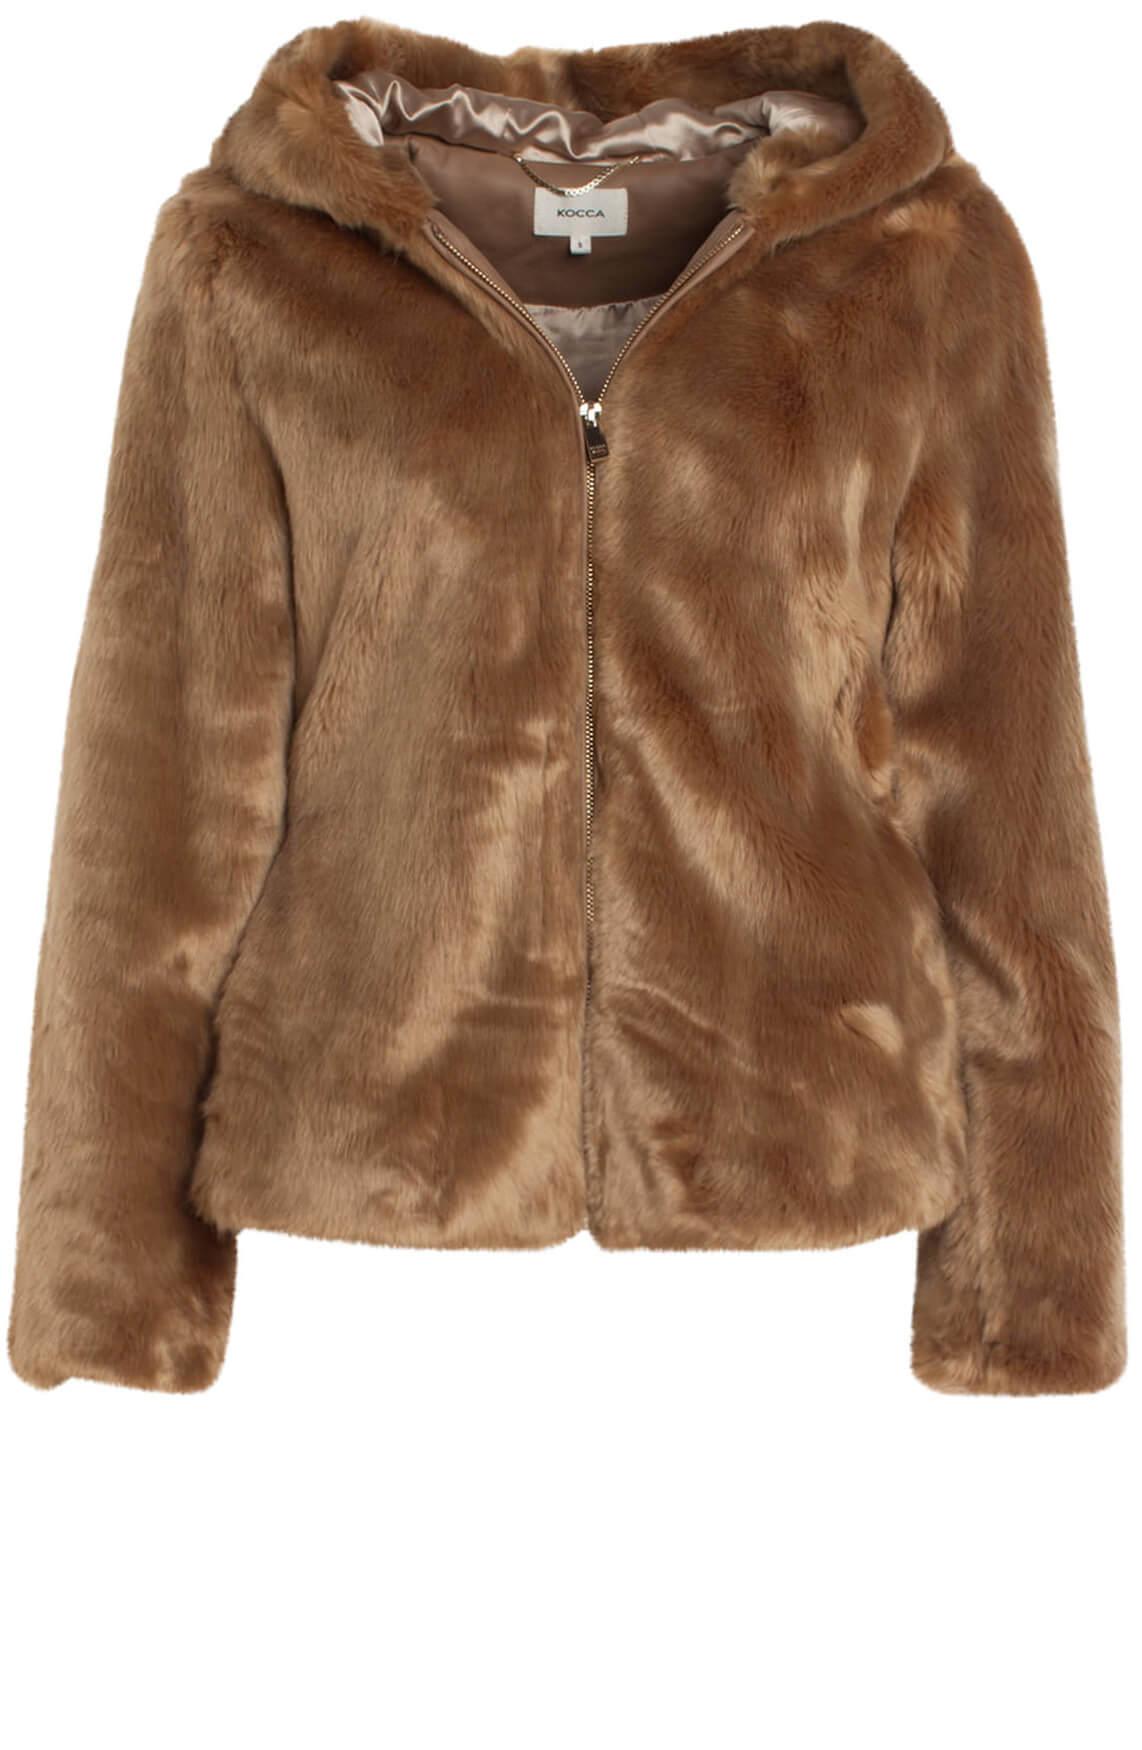 Kocca Dames Wellas faux fur jas Bruin